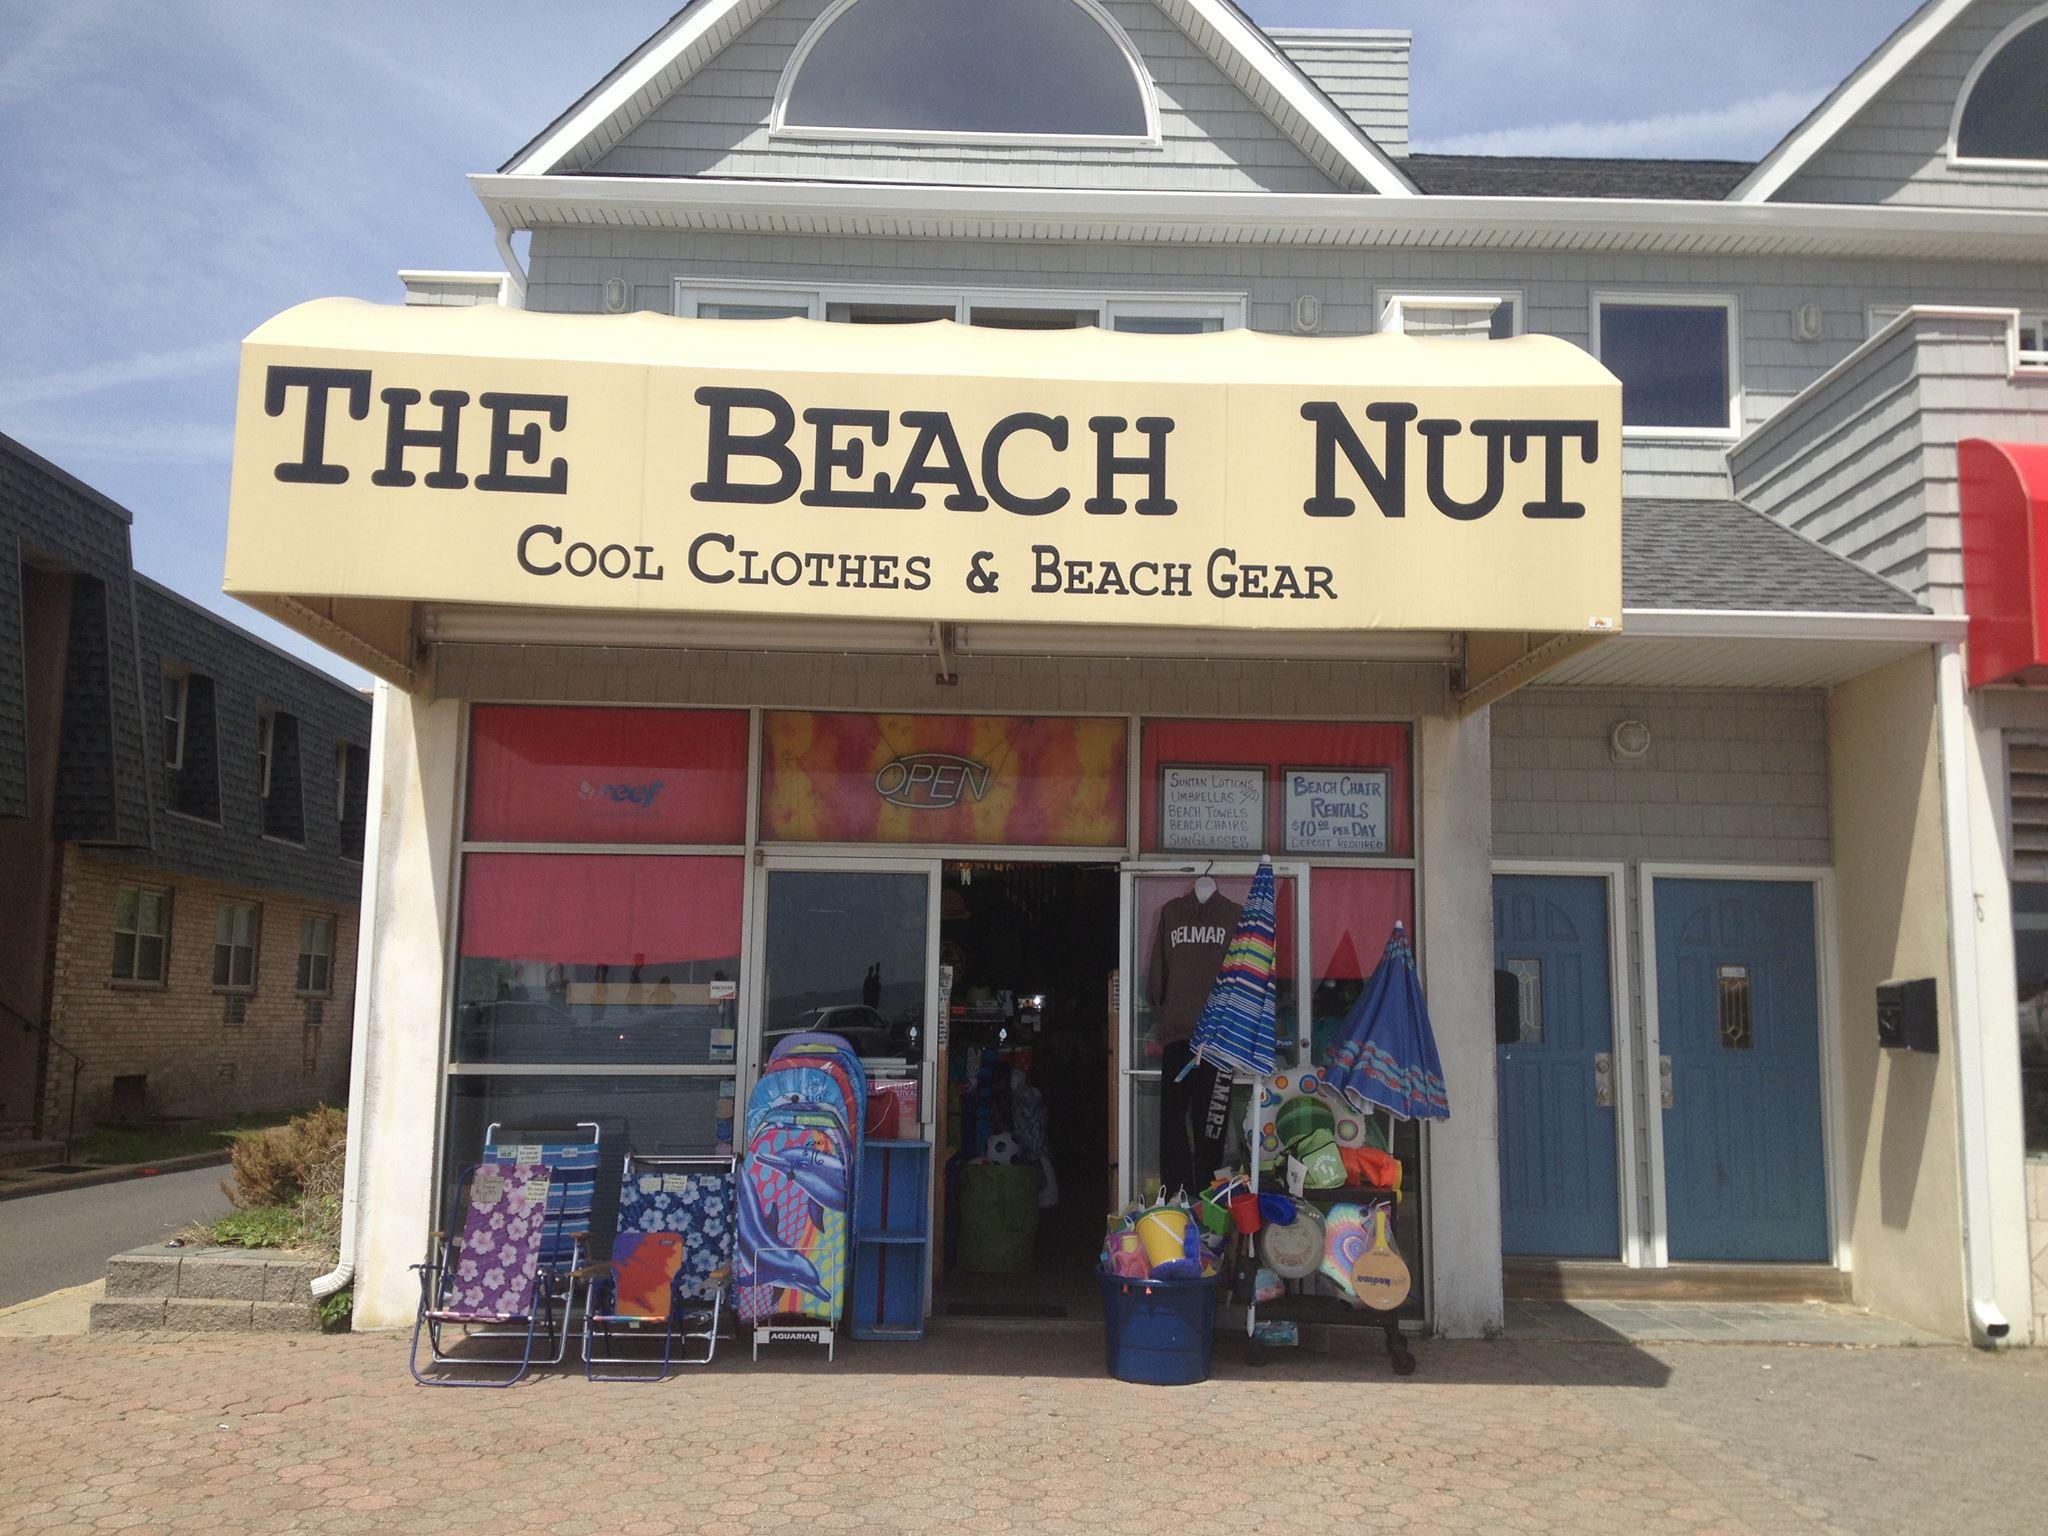 The Beach Nut